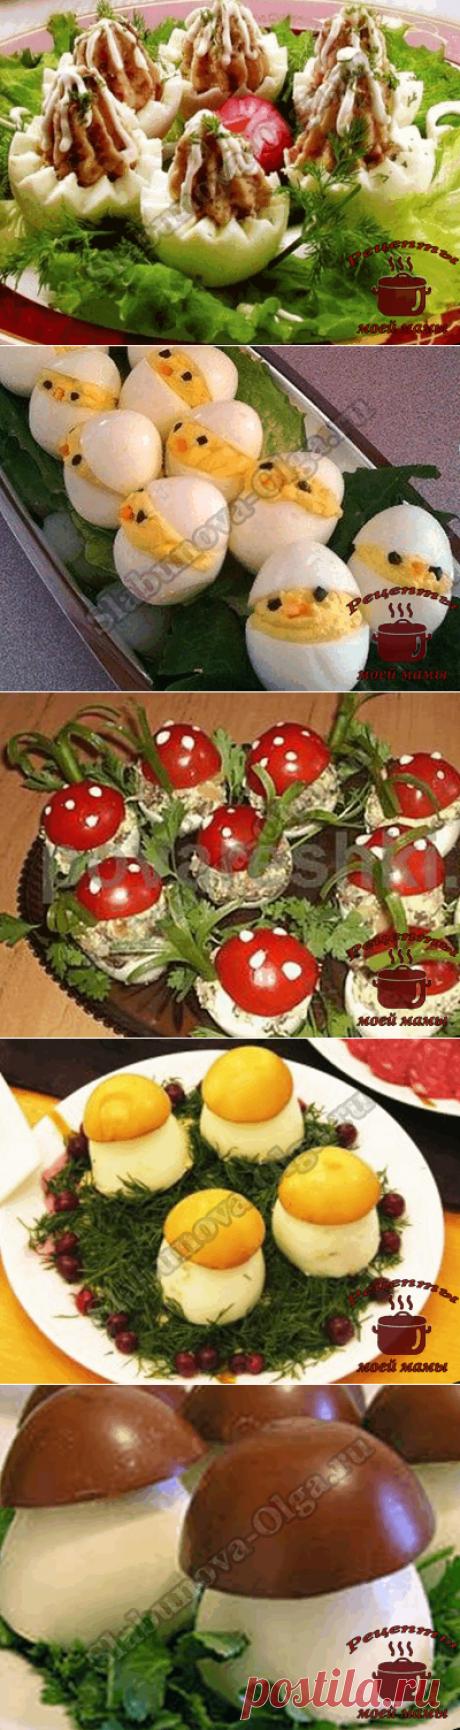 Фаршированные яйца. Рецепты. Фото